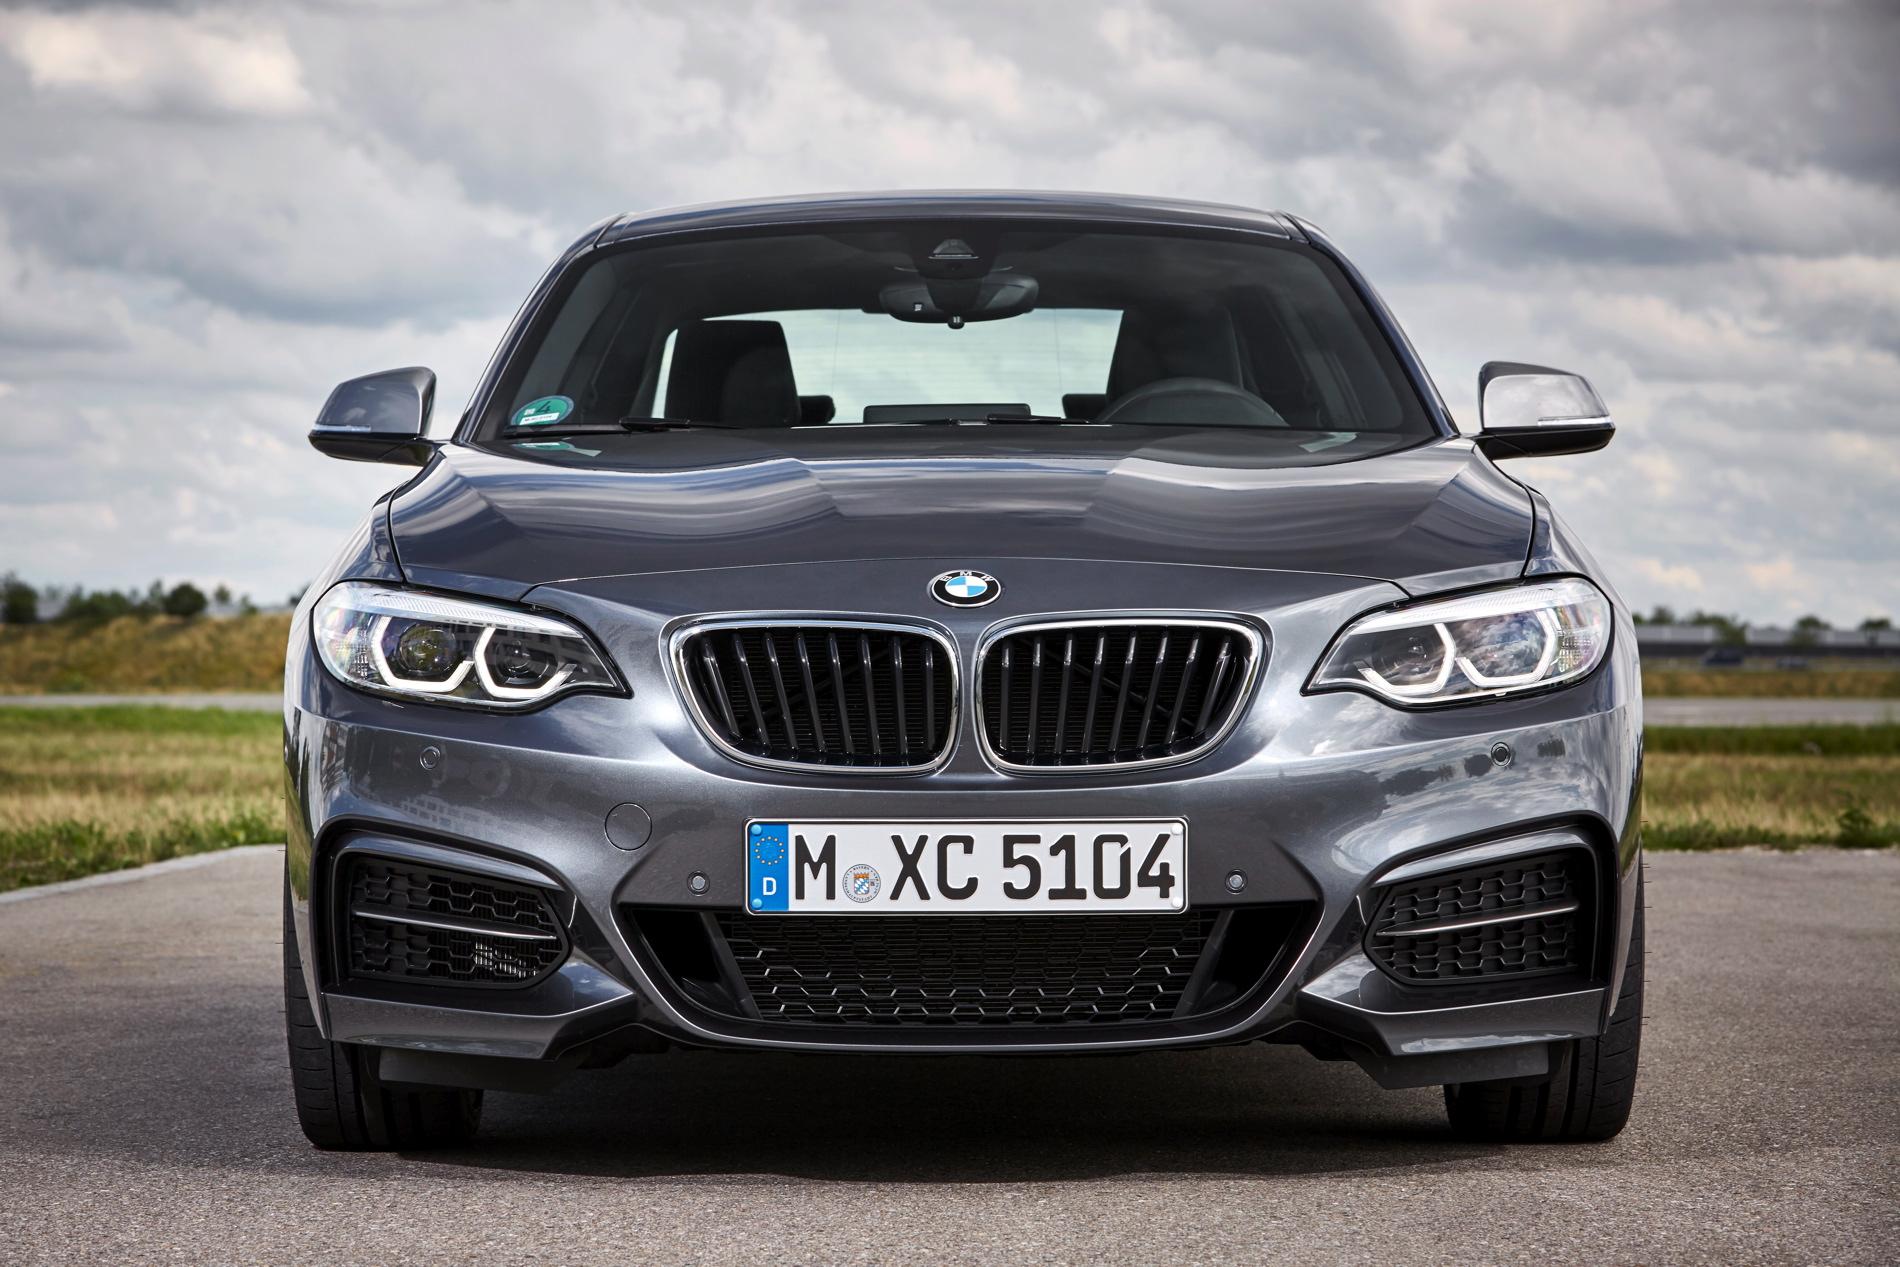 2017 BMW M240i photo gallery 25